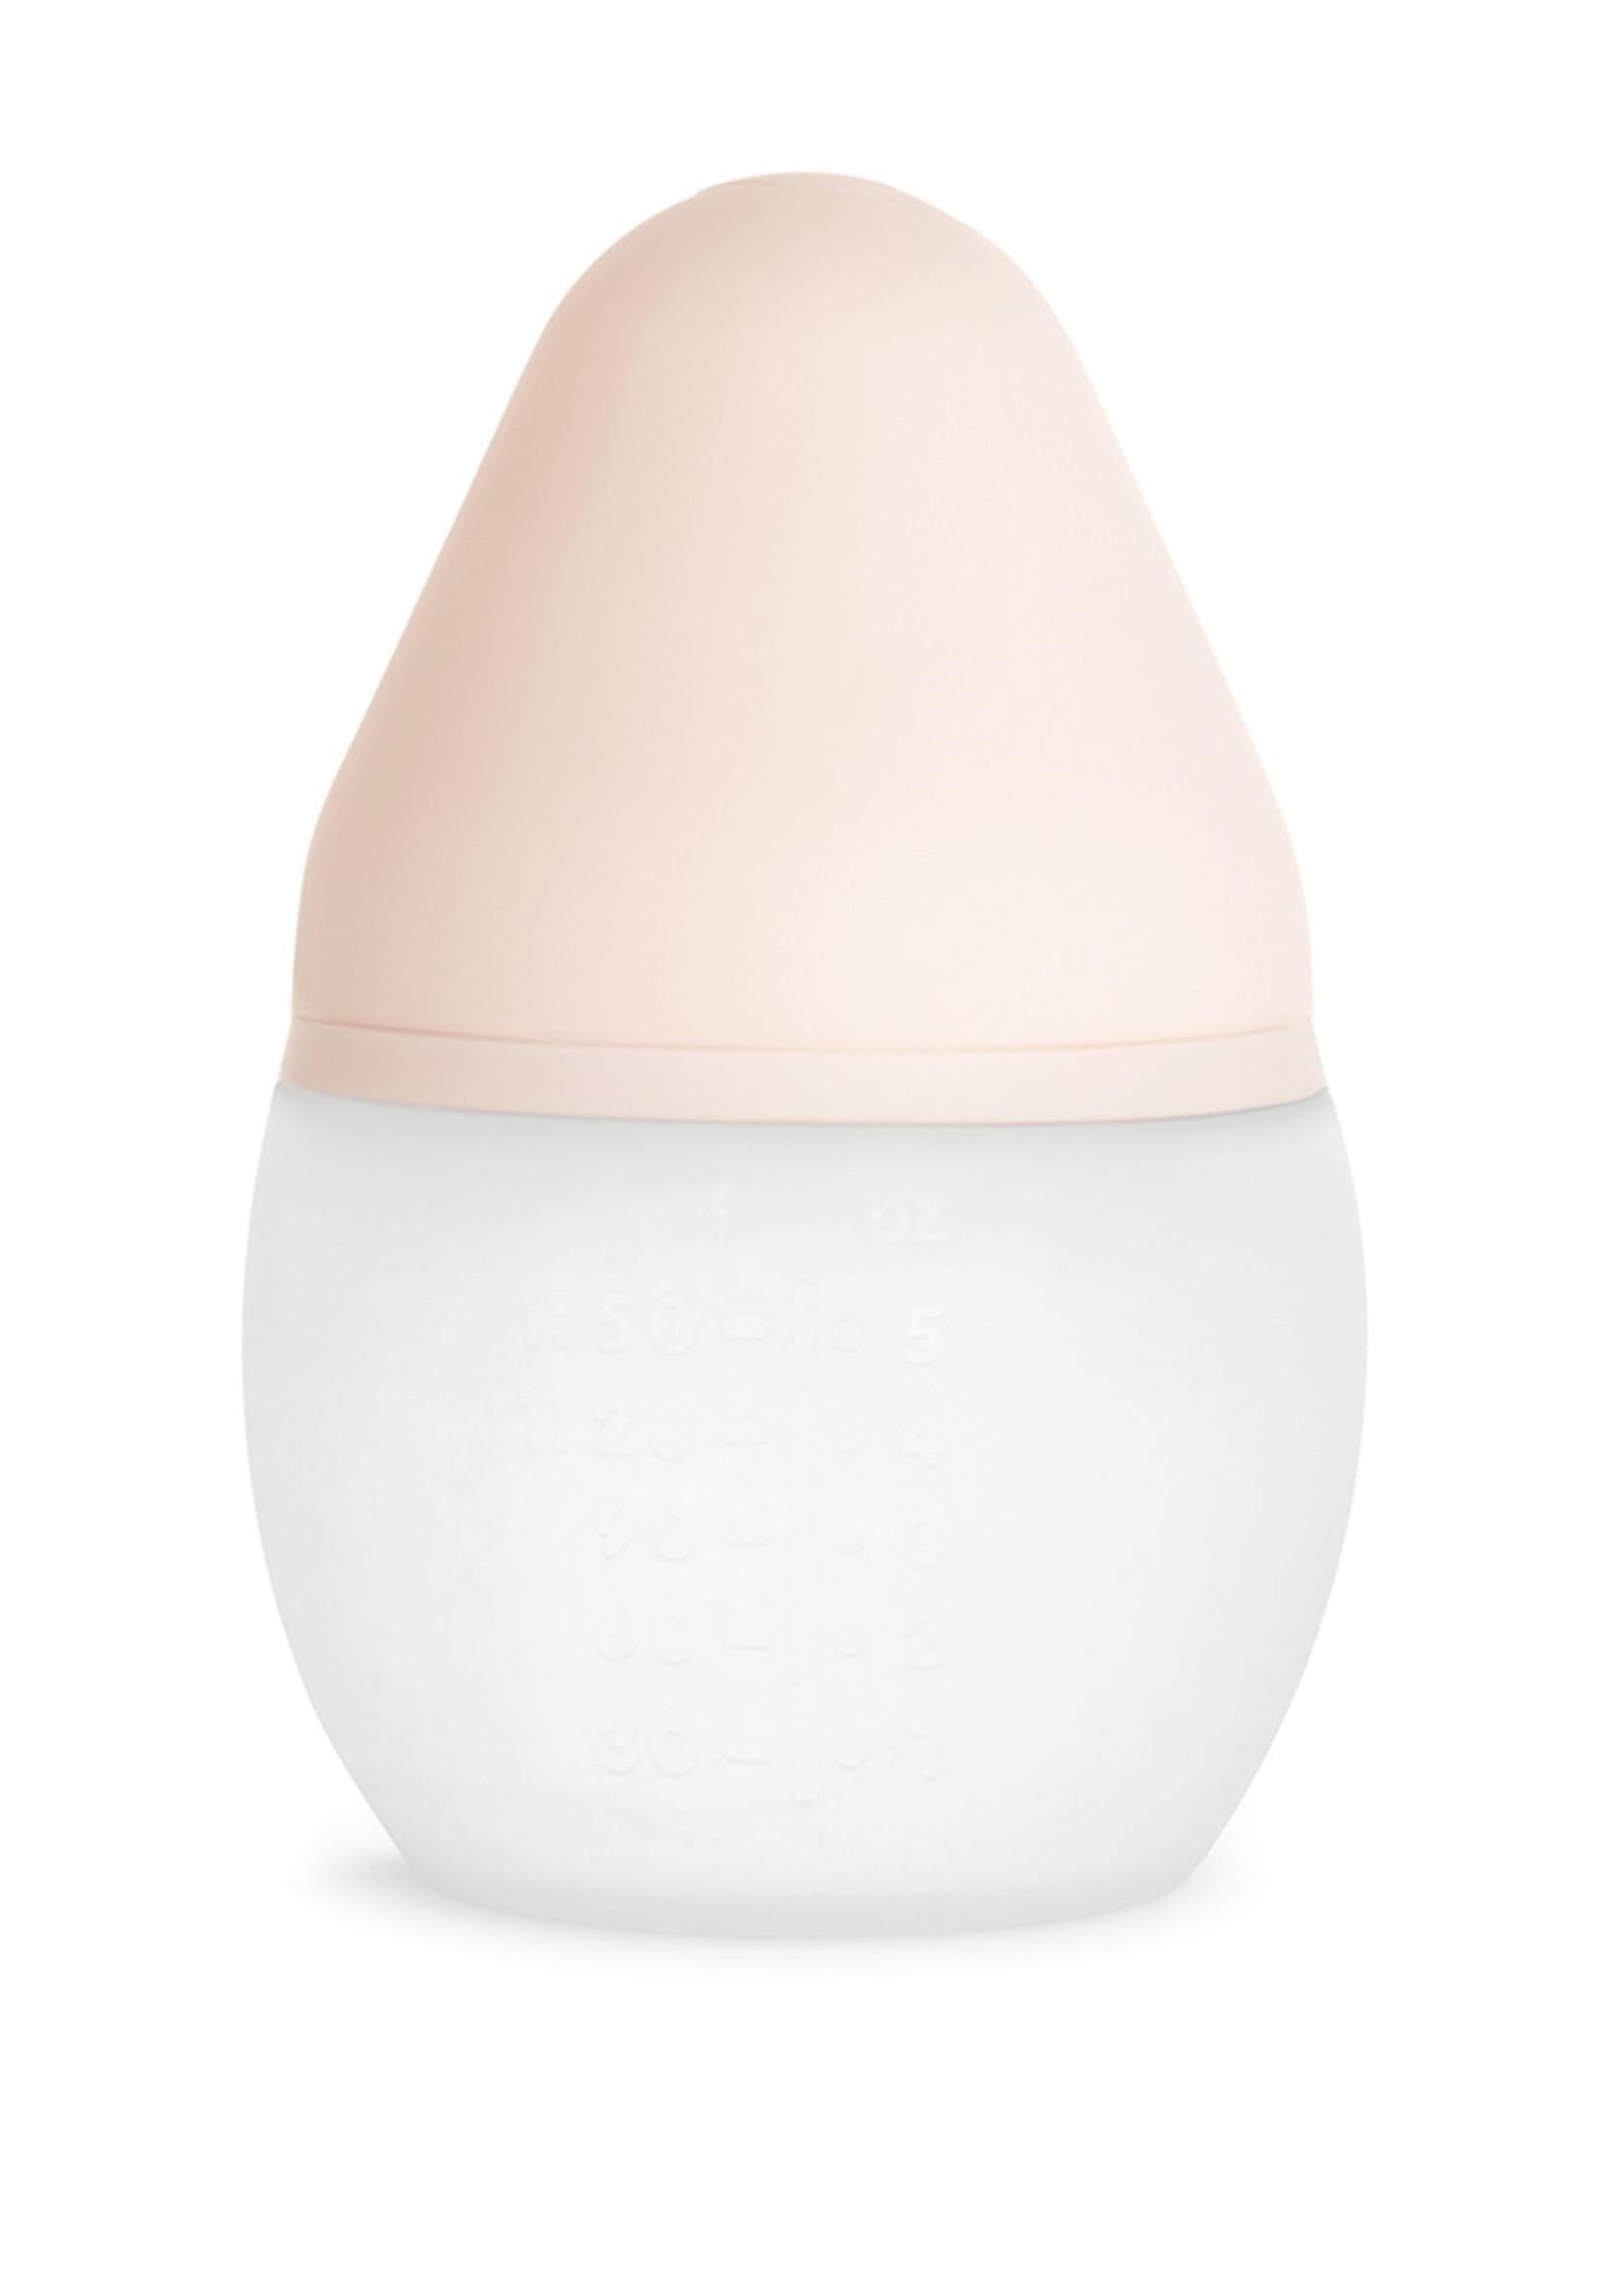 Elhée Baby Bottle 150 ml - Nude